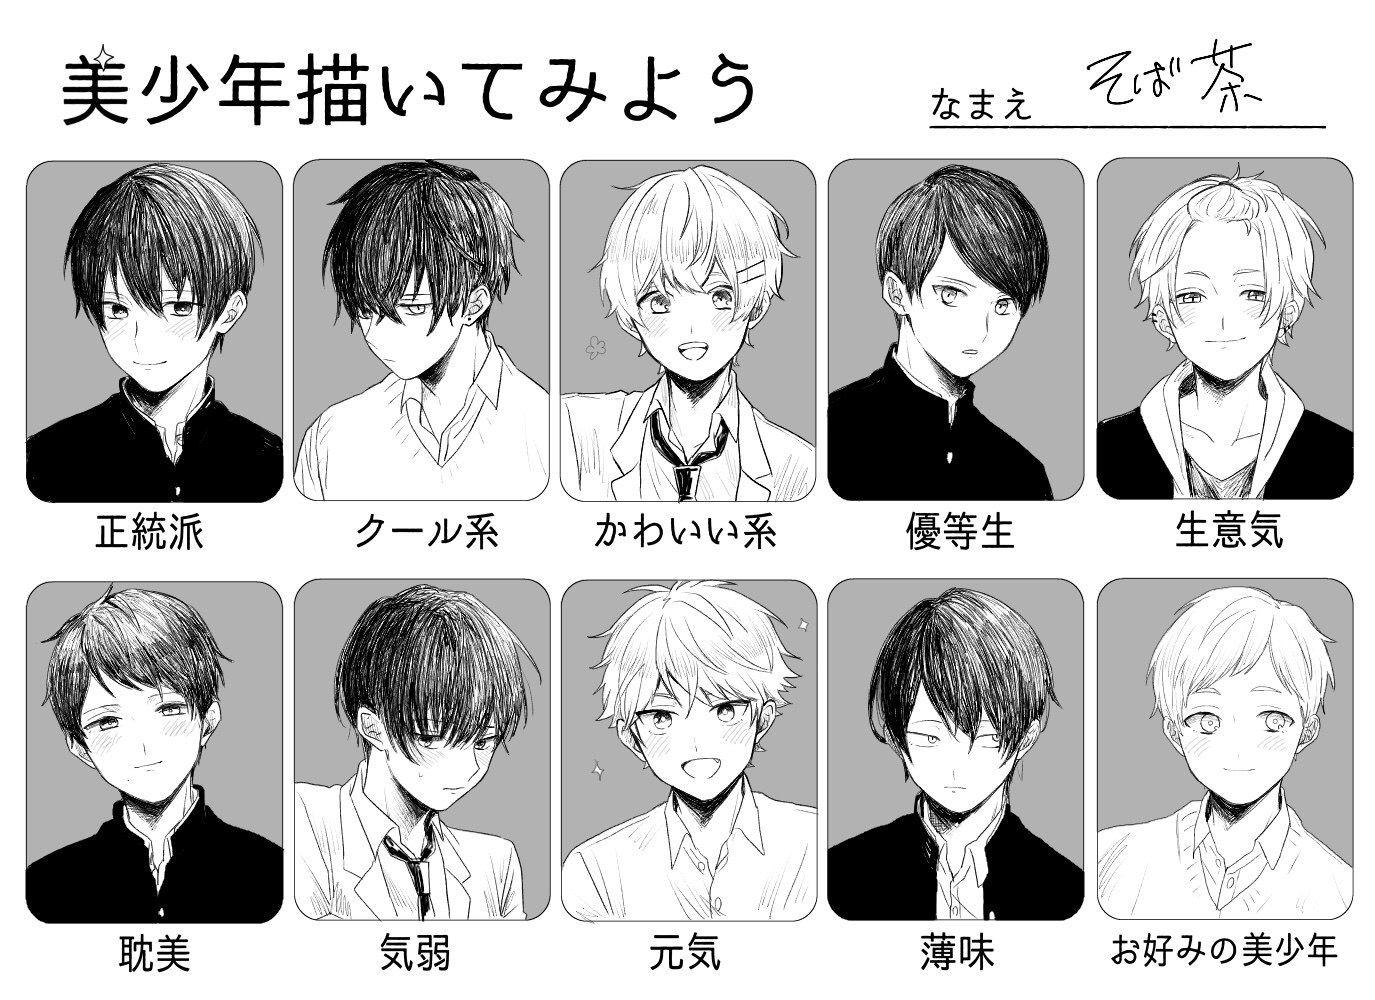 かっこいい アニメ 男 髪型 イラスト Khabarplanet Com